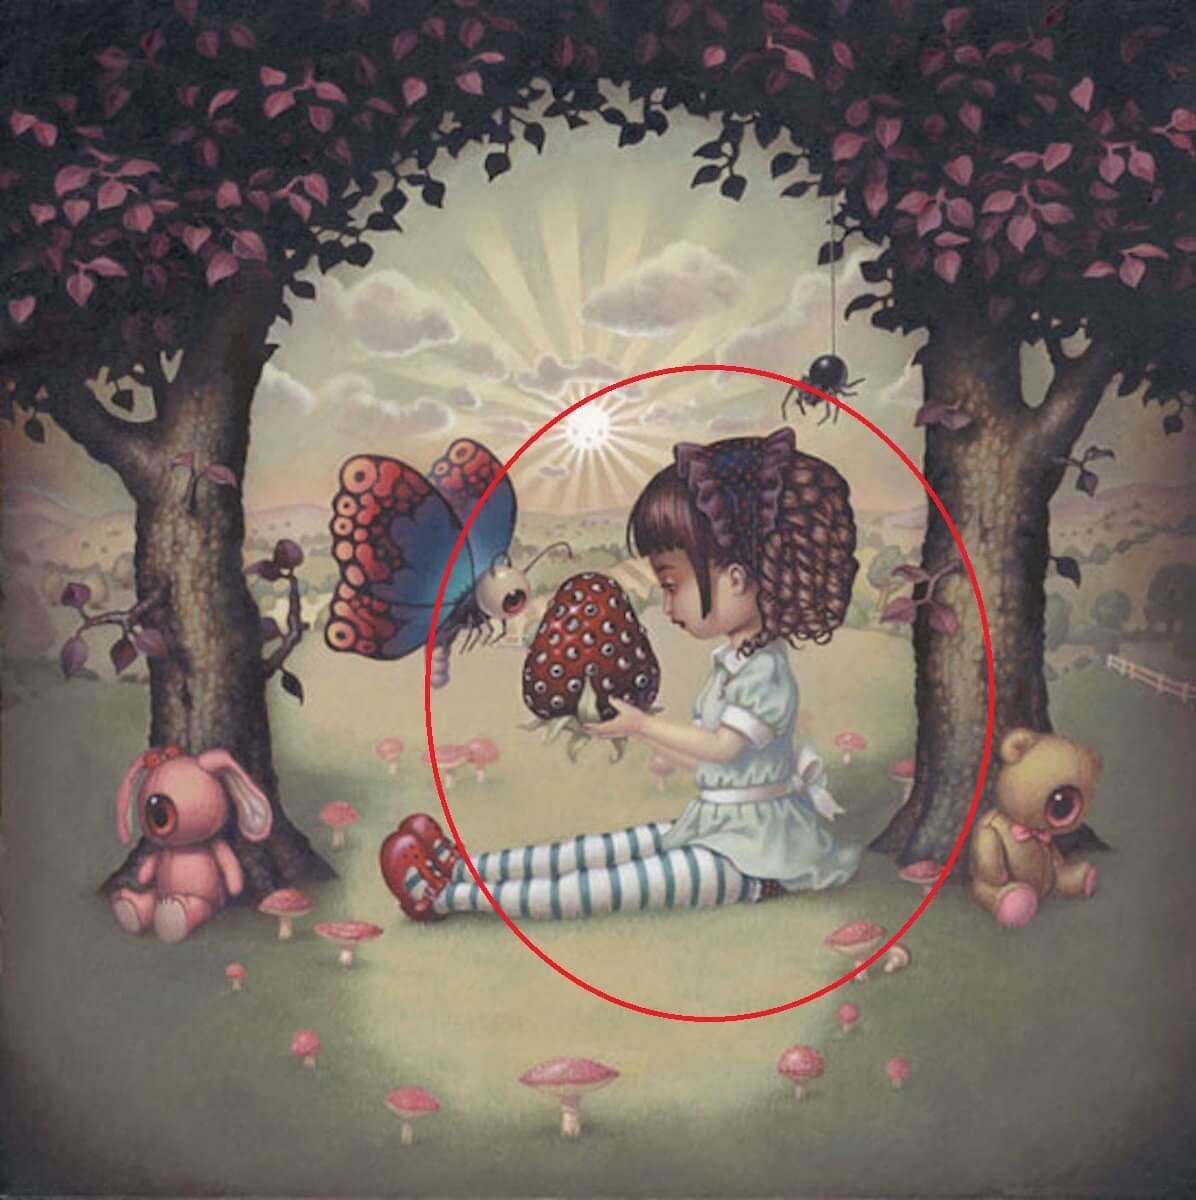 ¿Qué es lo primero que has visto en esta imagen? Responde y comprueba cuál es tu miedo oculto 3